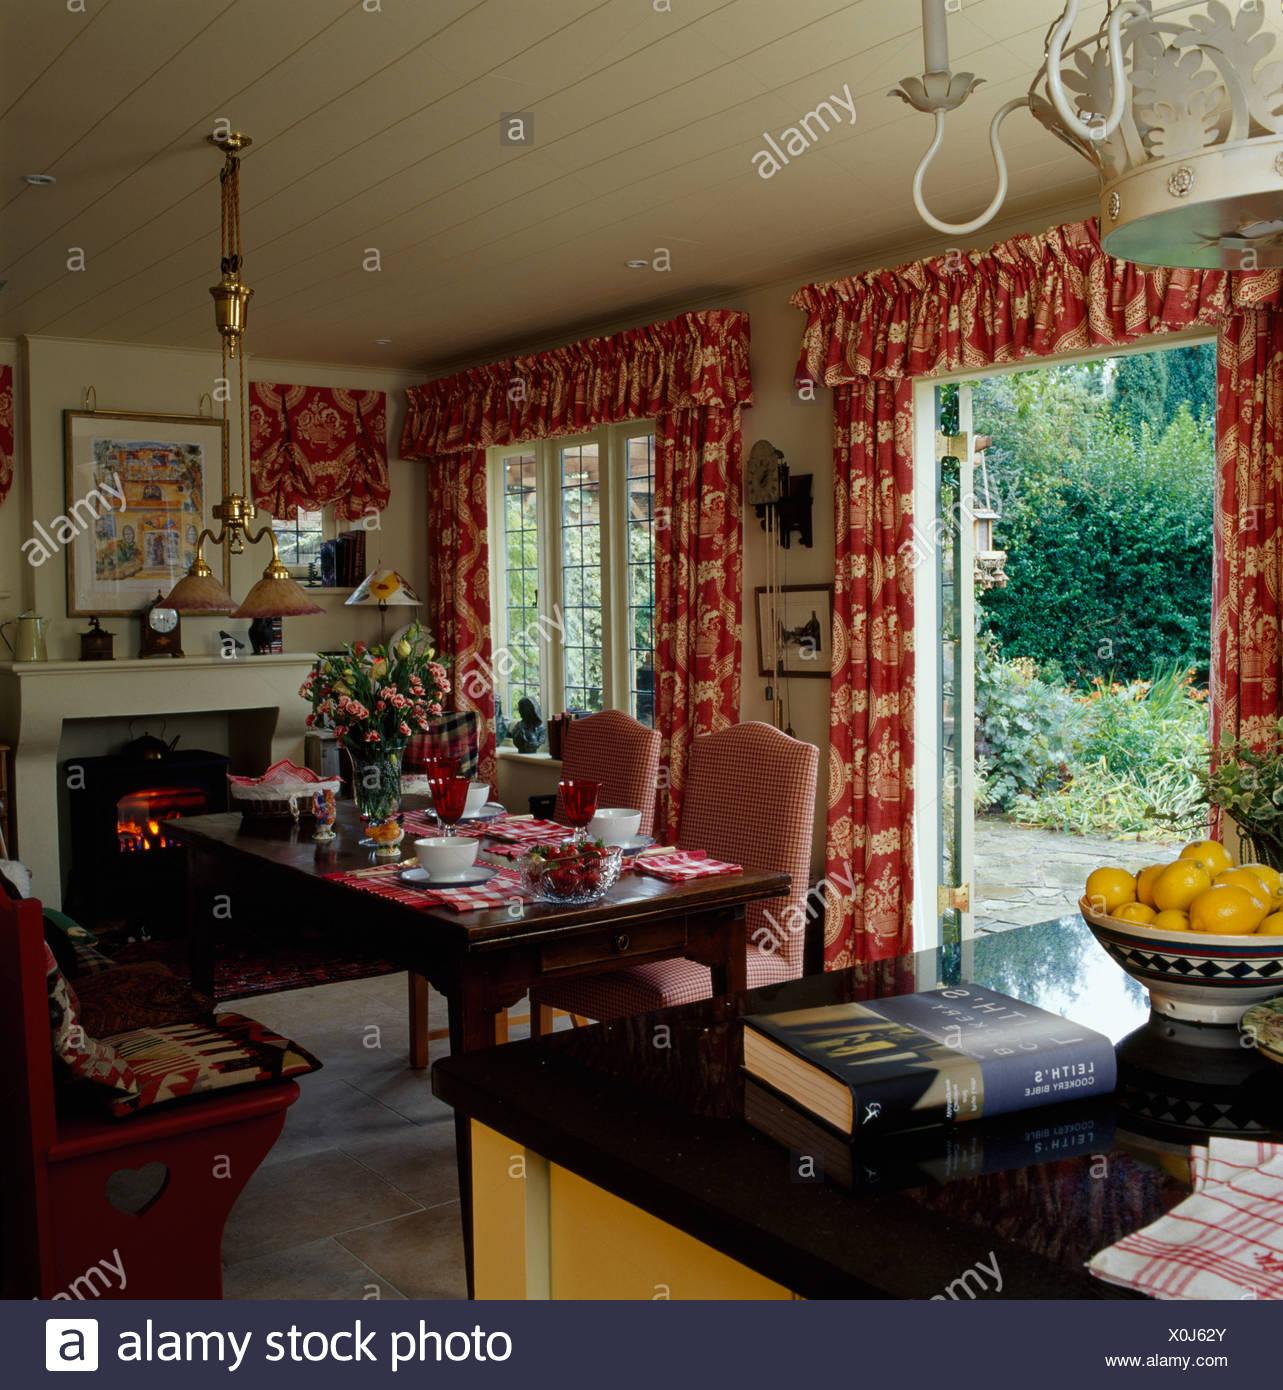 des rideaux rouges motifs sur les fentres la franaise en pays cuisine salle manger avec set de table pour le djeuner en face de courts de